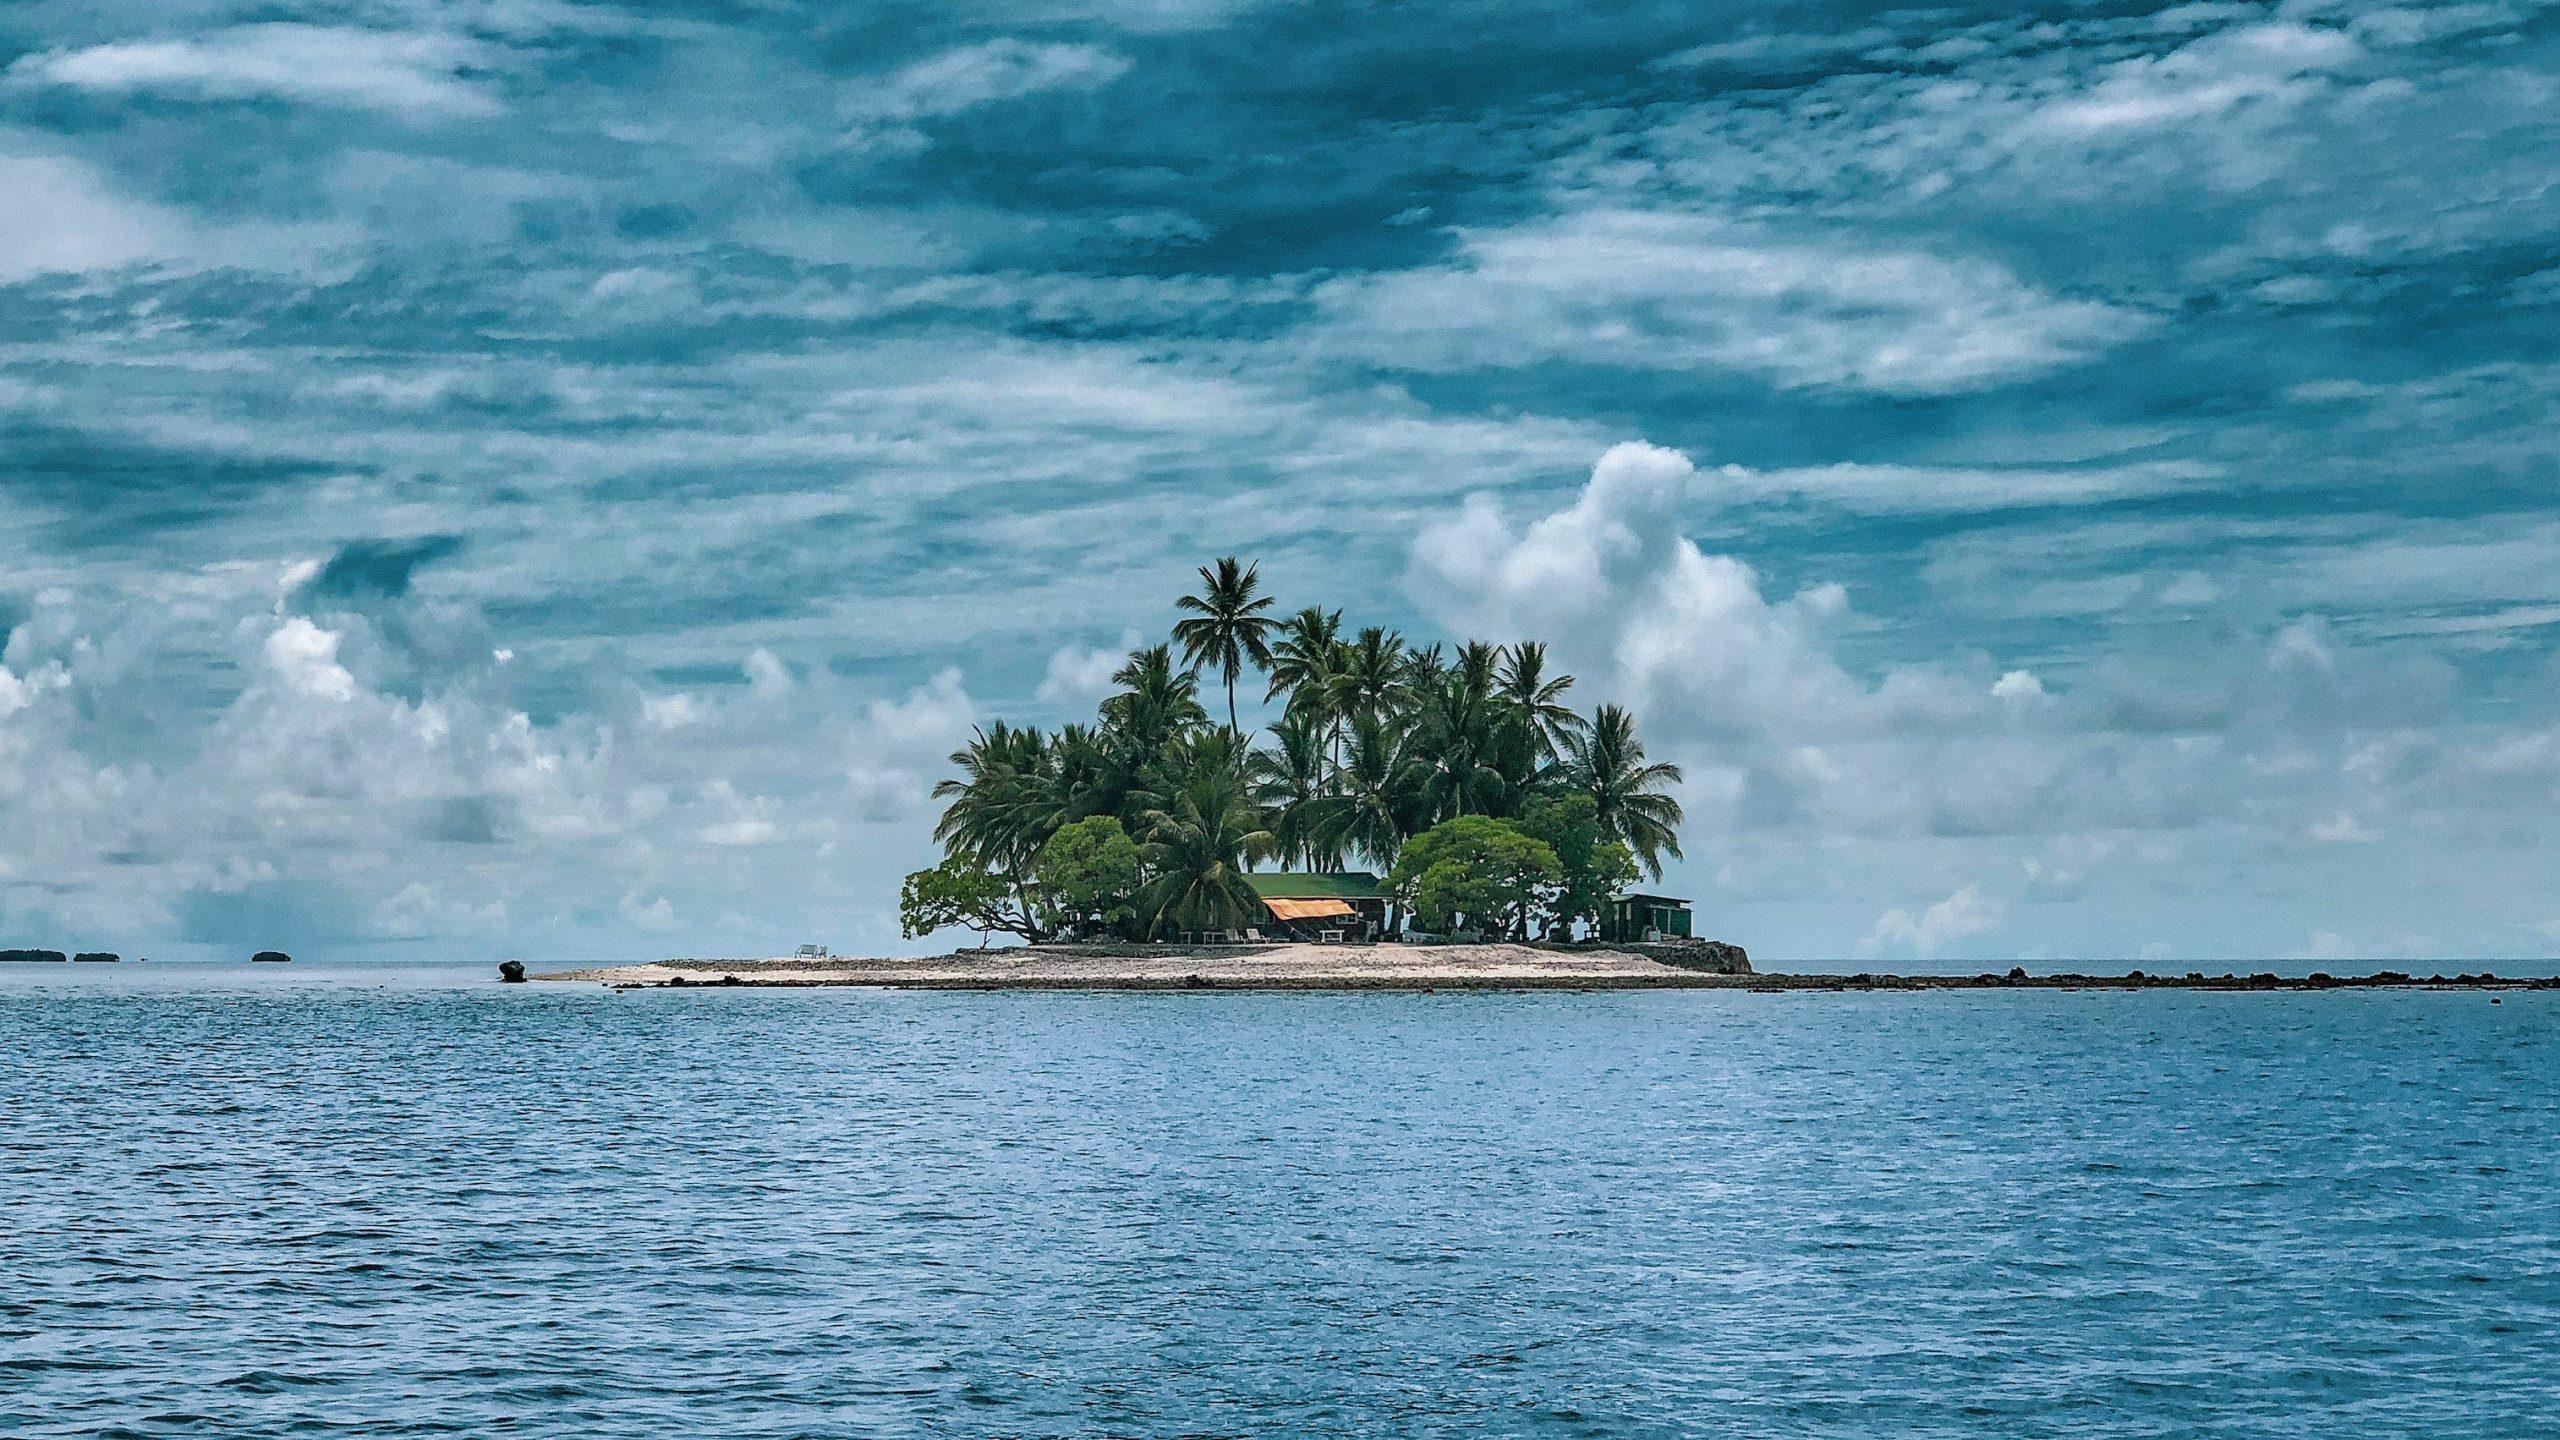 elszigetelt sziget óceán közepén